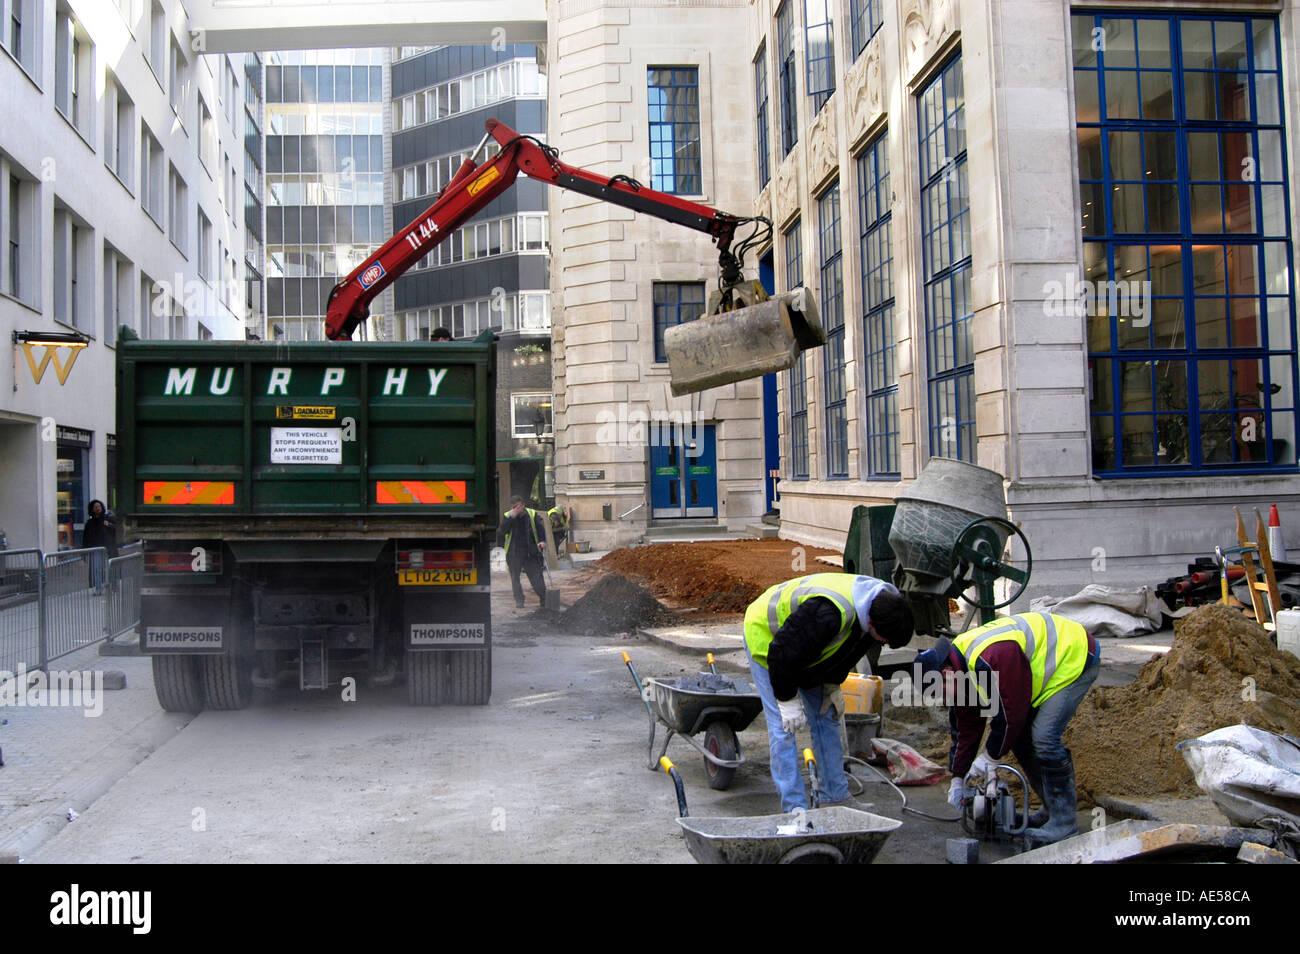 Murphy workmen on public road works in London England UK - Stock Image